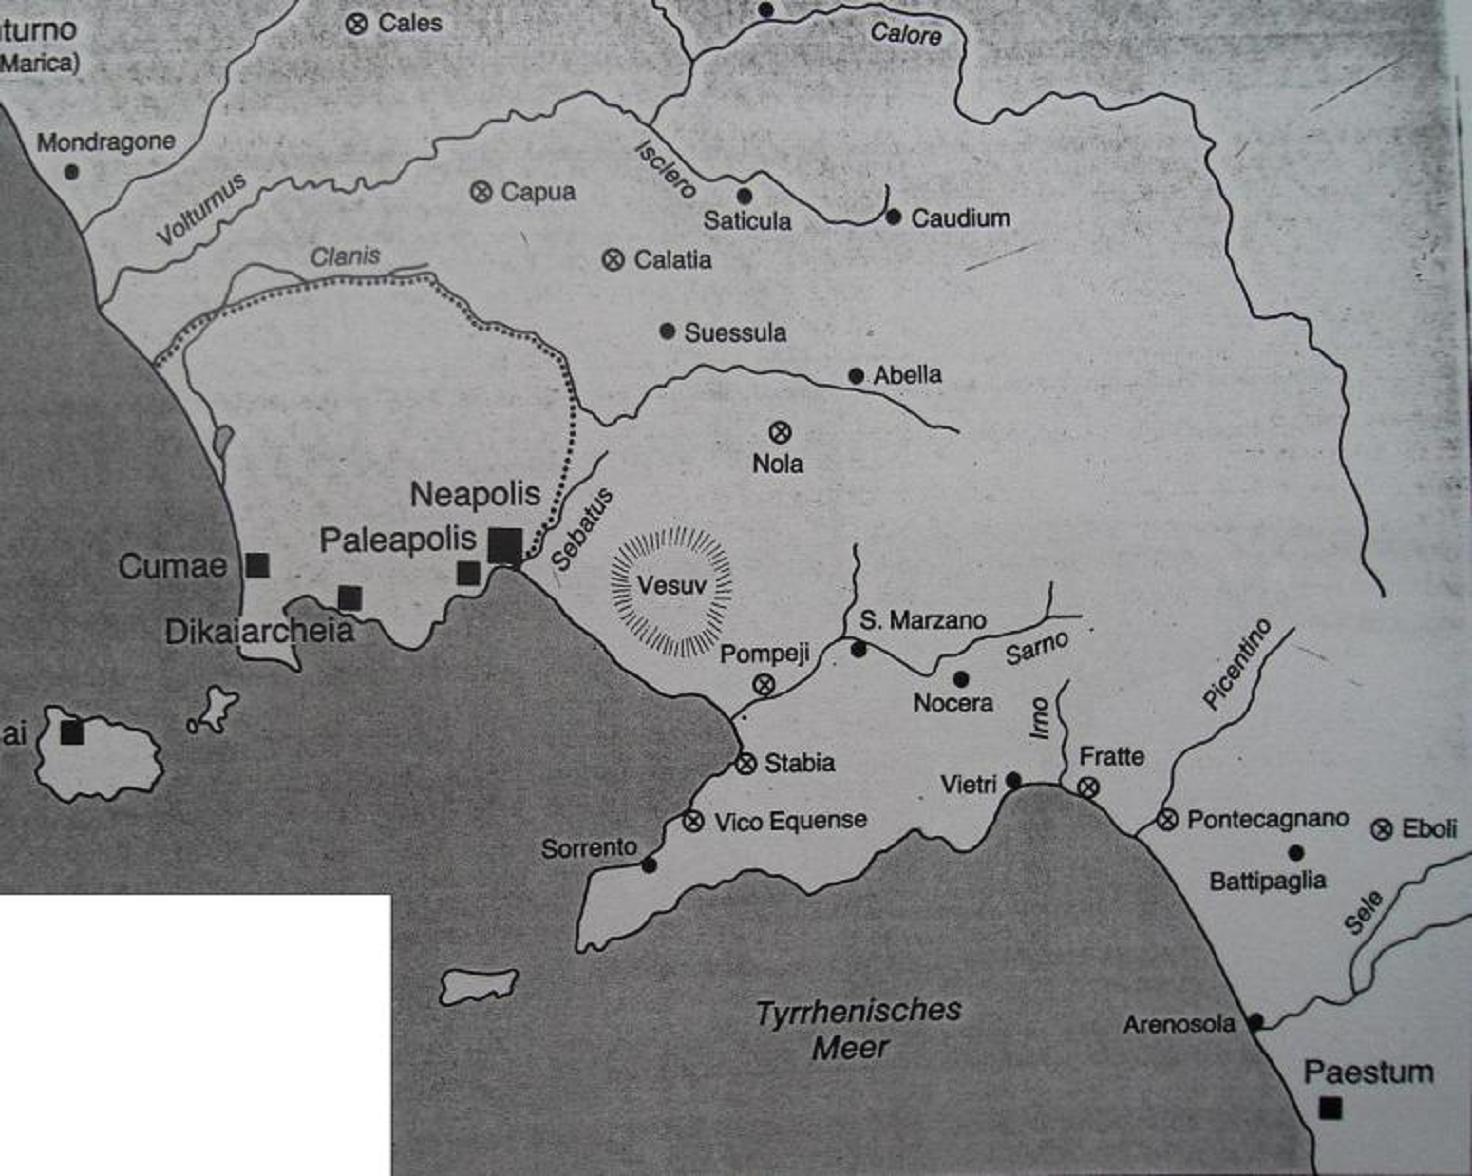 Χάρτης της Καμπανίας στο δεύτερο μισό του 6ου αιώνα π.Χ. Τα μαύρα ορθογώνια συμβολίζουν τις ελληνικές αποικίες ενώ τα «Χ» μέσα σε κύκλο αντιστοιχούν στις ετρουσκικές. Η διάστικτη γραμμή δείχνει τα όρια της πολιτικής χώρας της Κύμης (Cumae). Στον χάρτη διακρίνονται καθαρά οι γεωστρατηγικοί στόχοι της ετρουσκικής επέκτασης: να παραμείνουν οι ελληνικές Κύμη και Ποσειδωνία (Paestum) χωρίς εδαφική επαφή μεταξύ τους, και να απομονωθεί όσο γινόταν η Κύμη και οι αποικίες της στο νοτιοδυτικό άκρο της Καμπανίας.